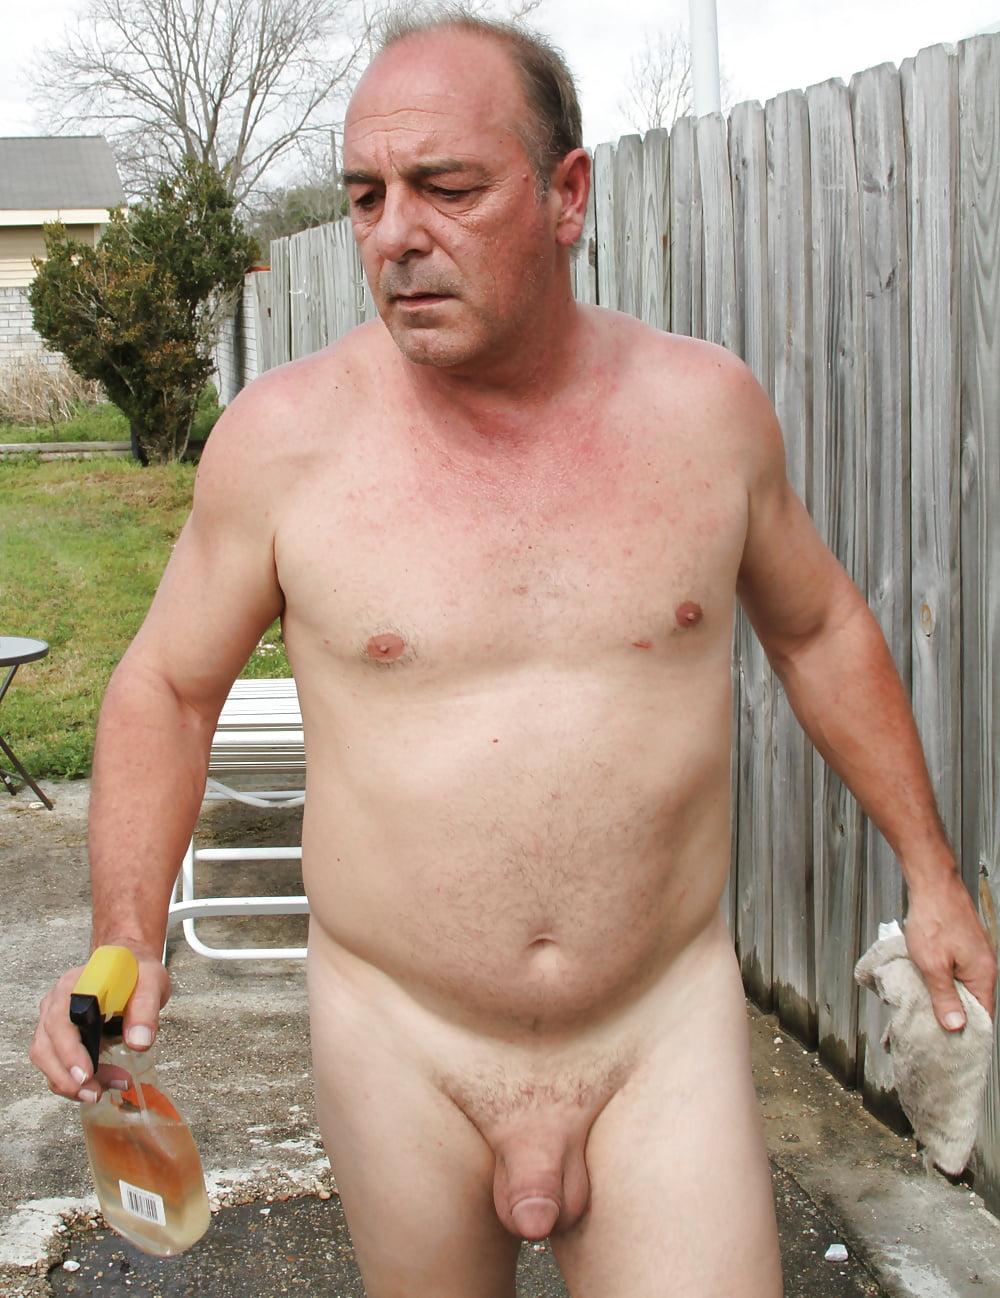 Nick capra and sebastian torres free naked men big dicks